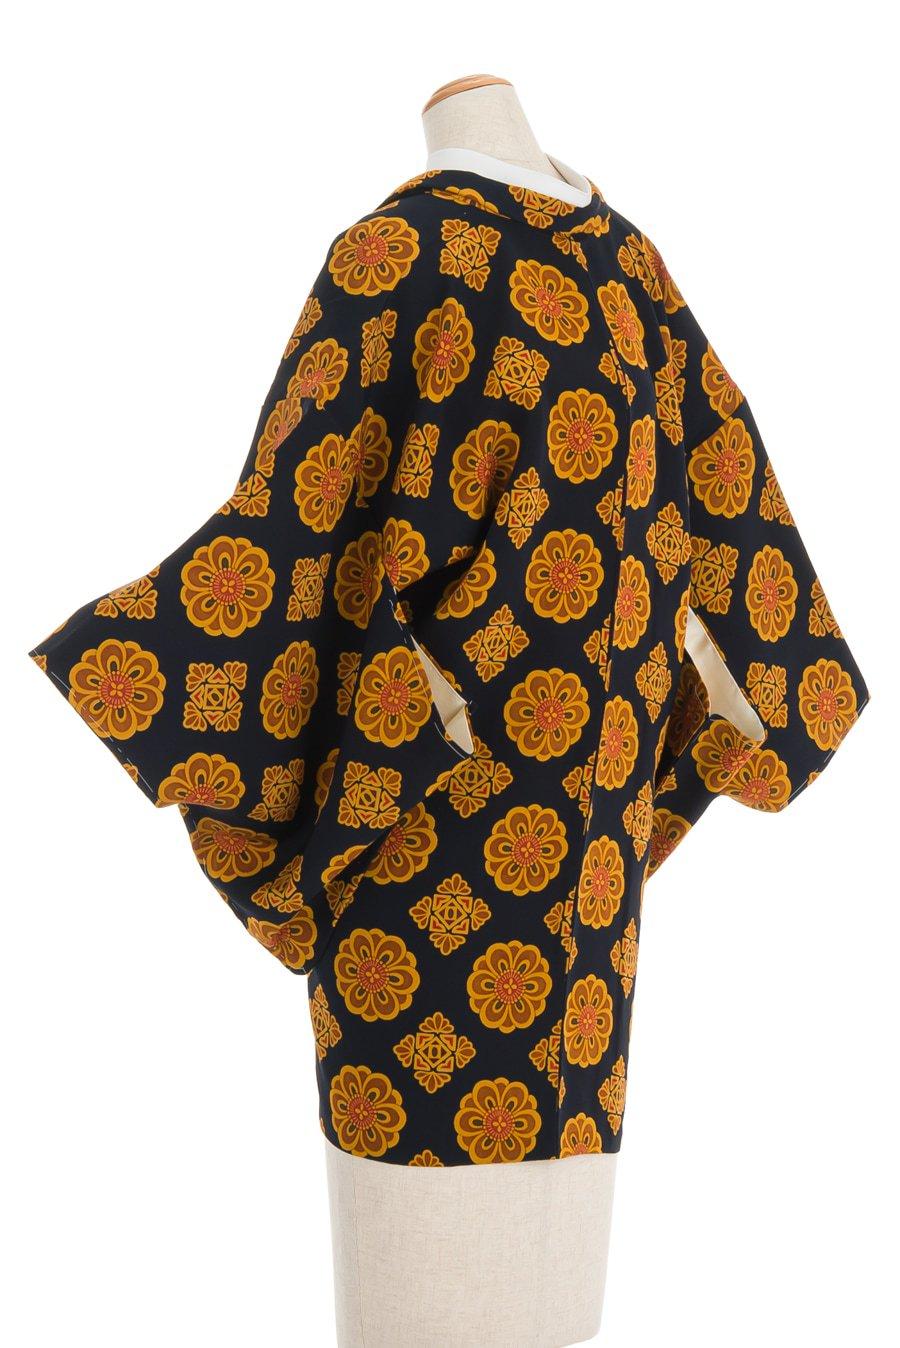 「黒地 金の花」の商品画像